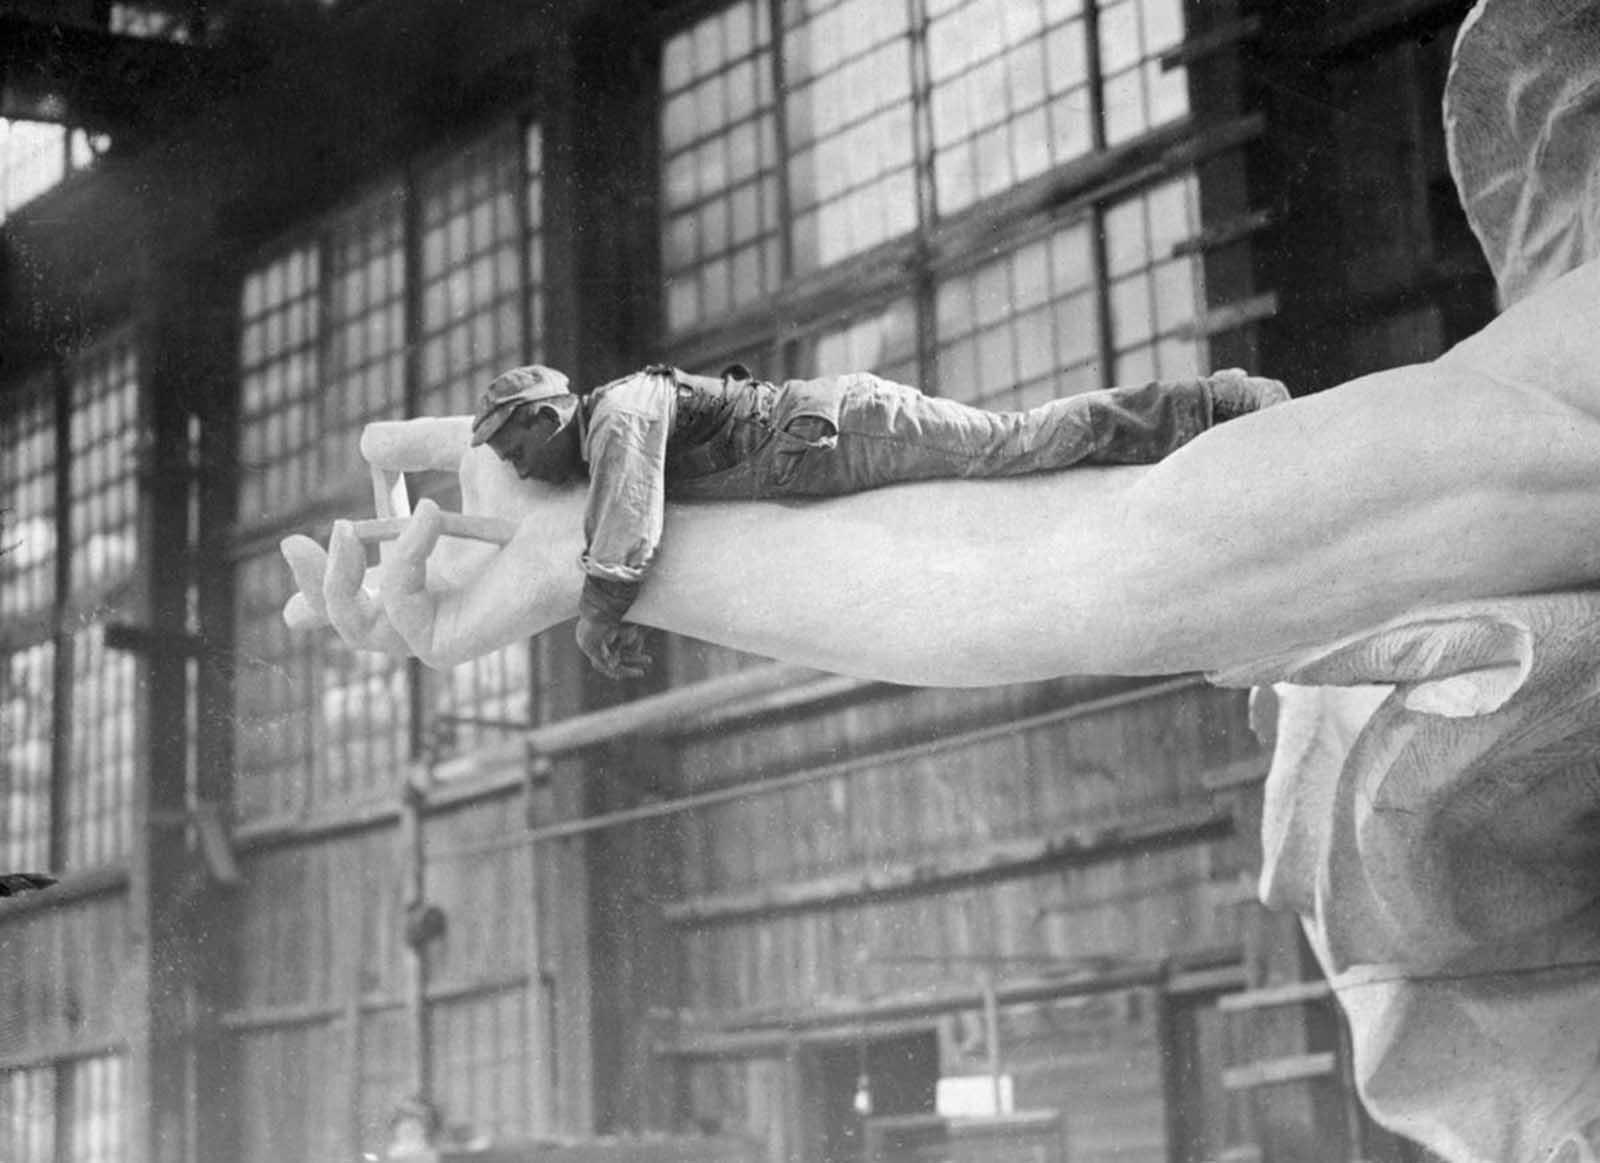 Un trabajador yace sobre el brazo de once metros de Mercury, que forma parte de las estatuas de Grand Central Station.